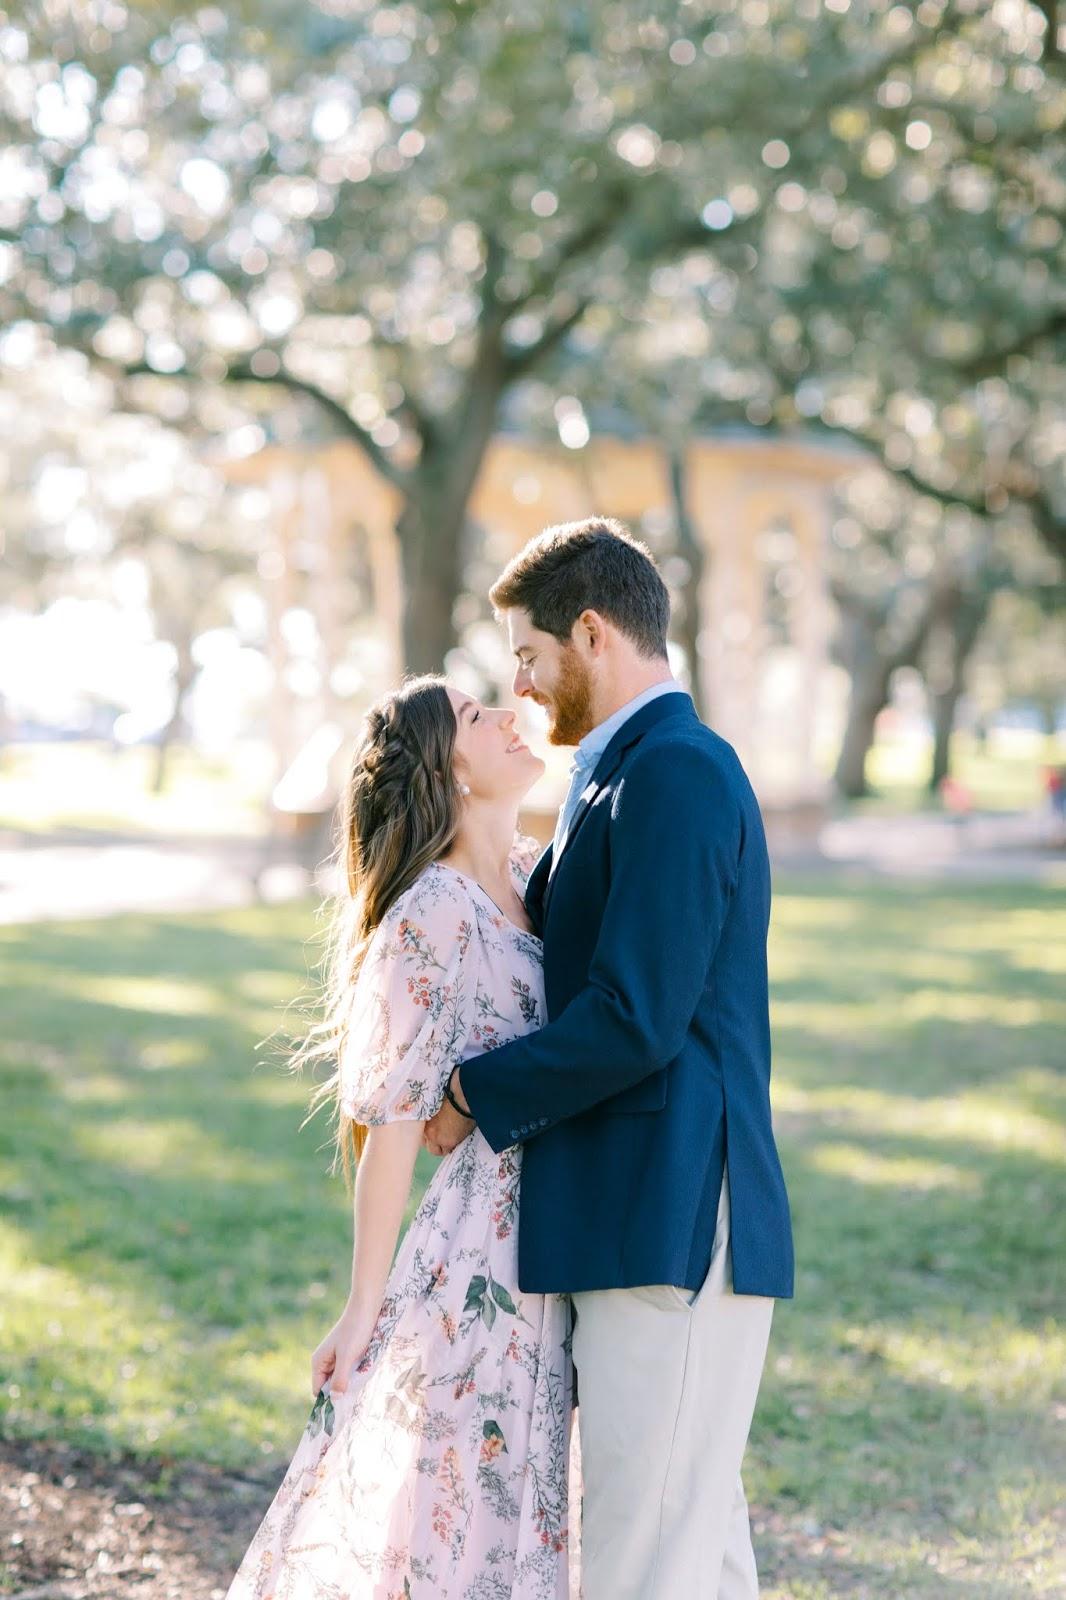 One Month Wedding Update - Chasing Cinderella